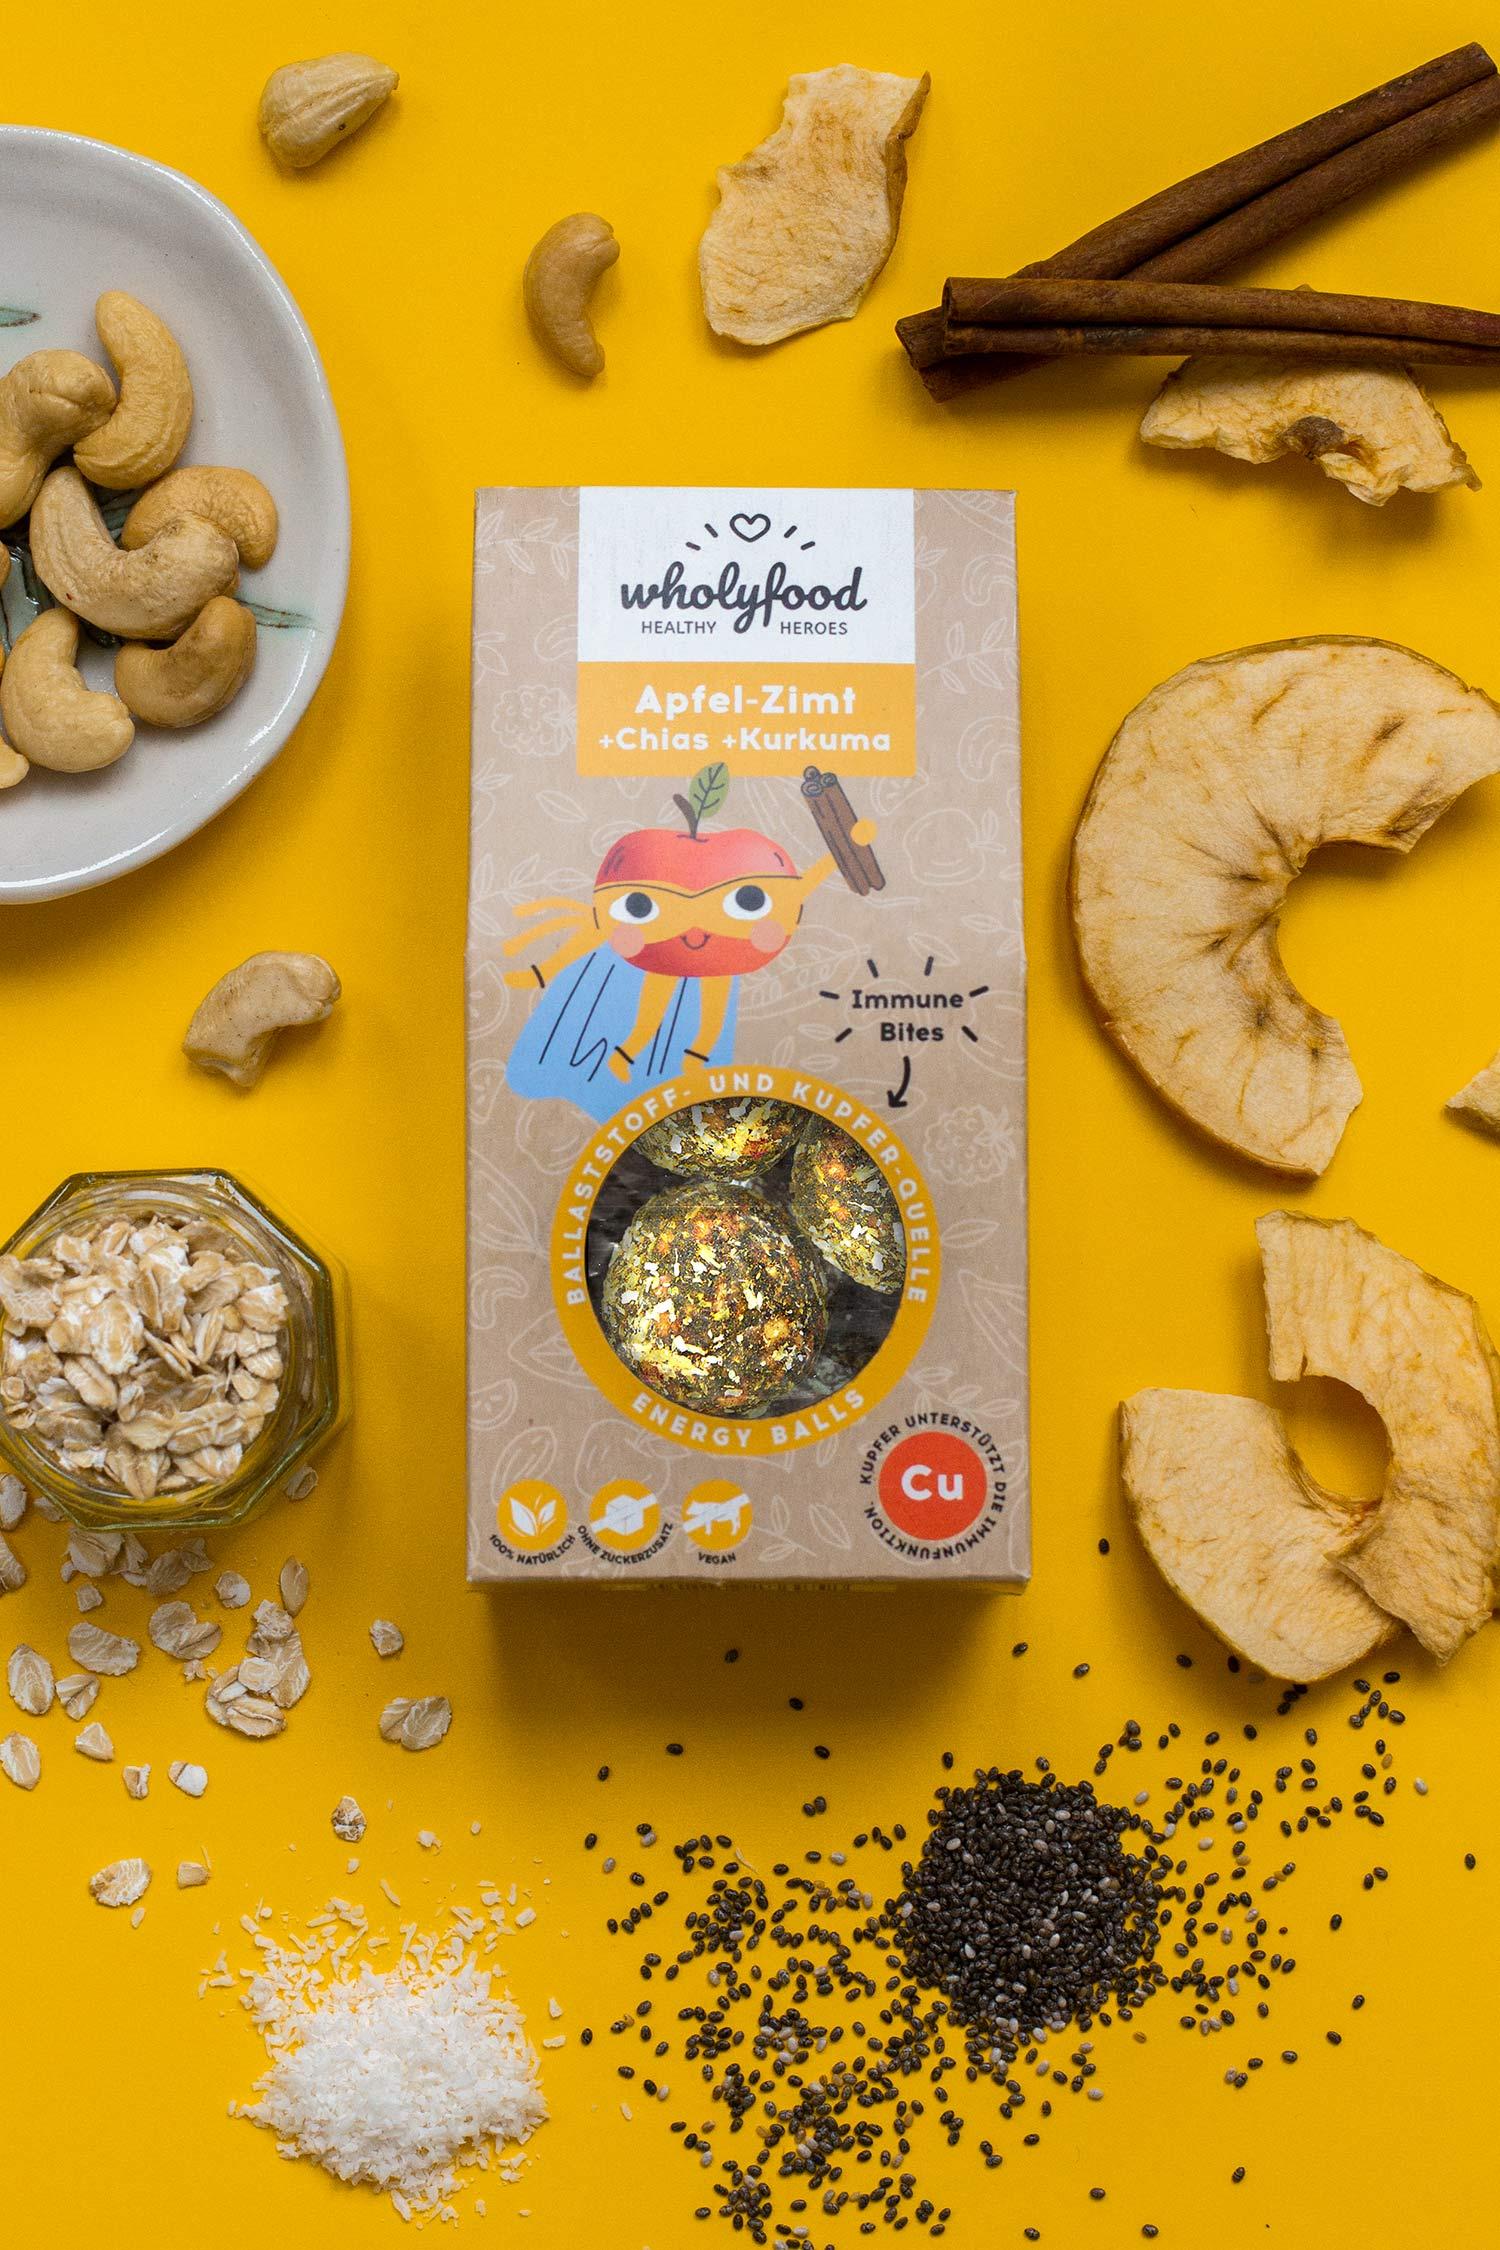 wholyfood_packaging_ingredients_Apfel